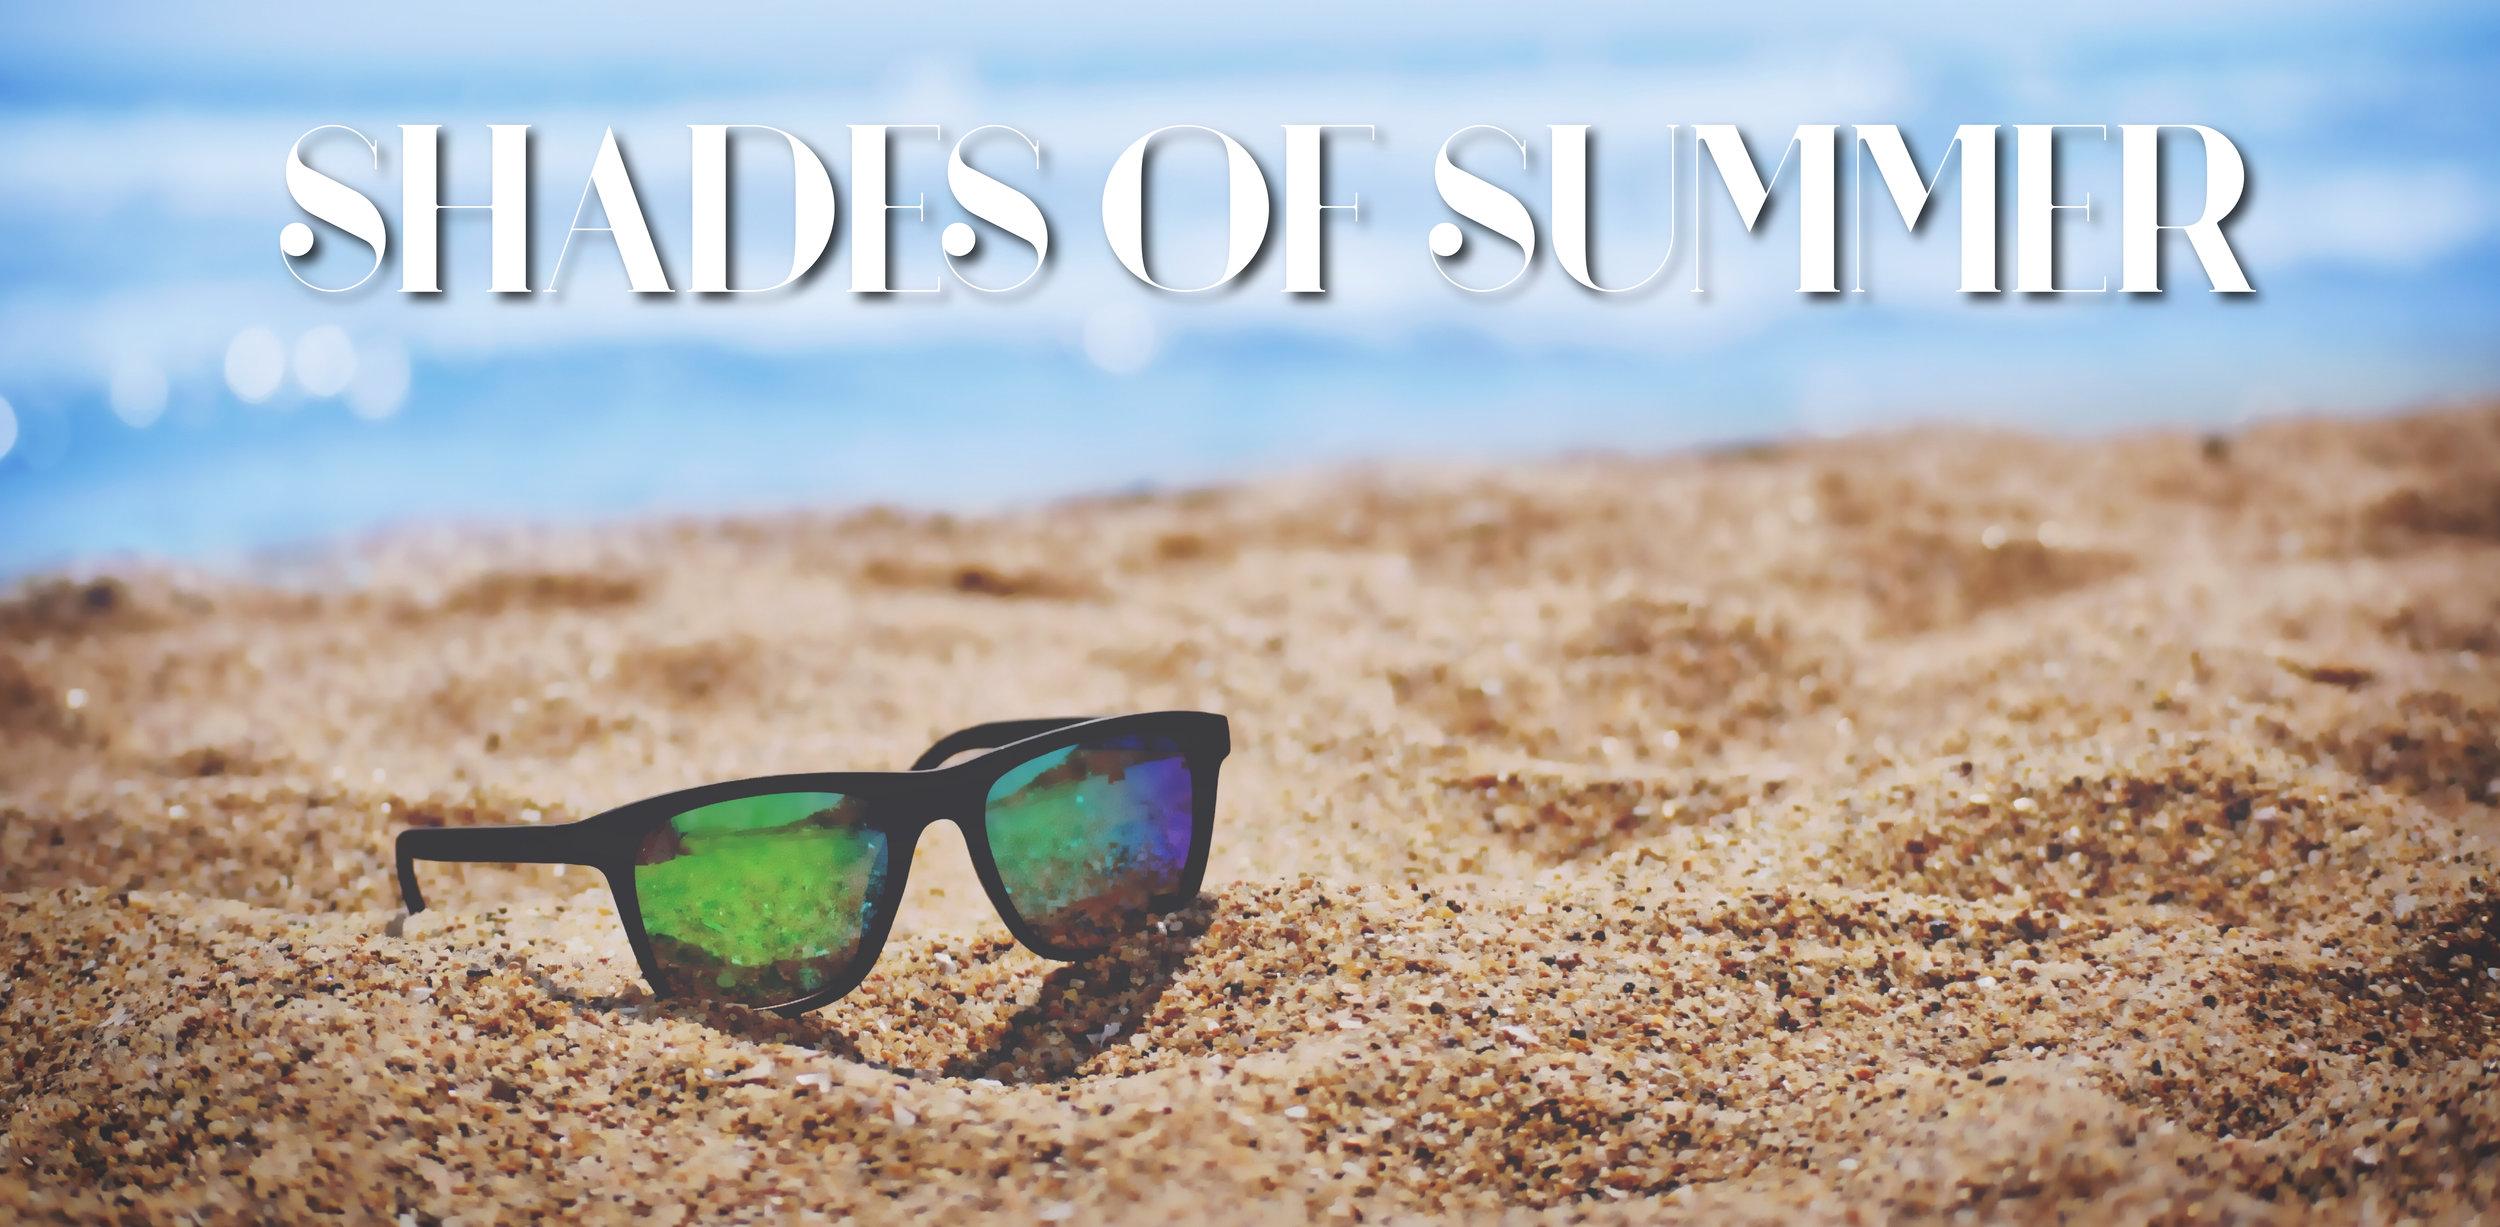 Shades Of Summer-01.jpg